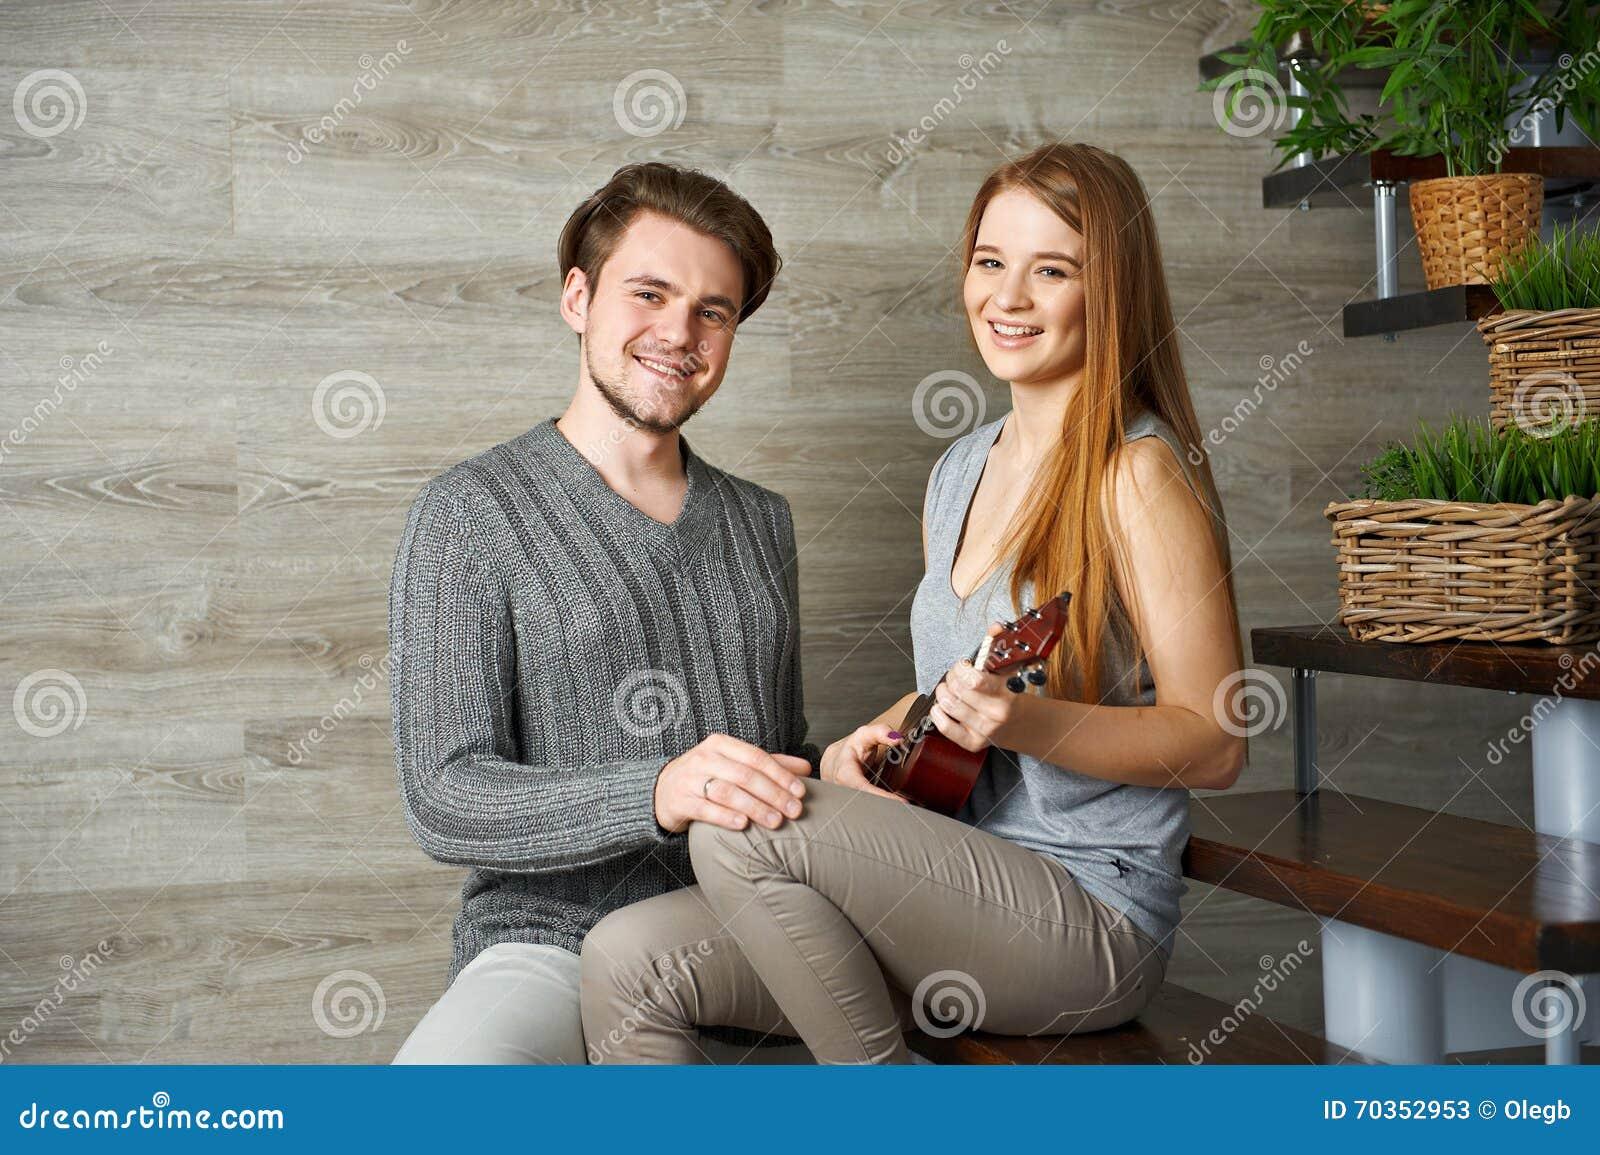 Dating men inte flickvän och pojkvän